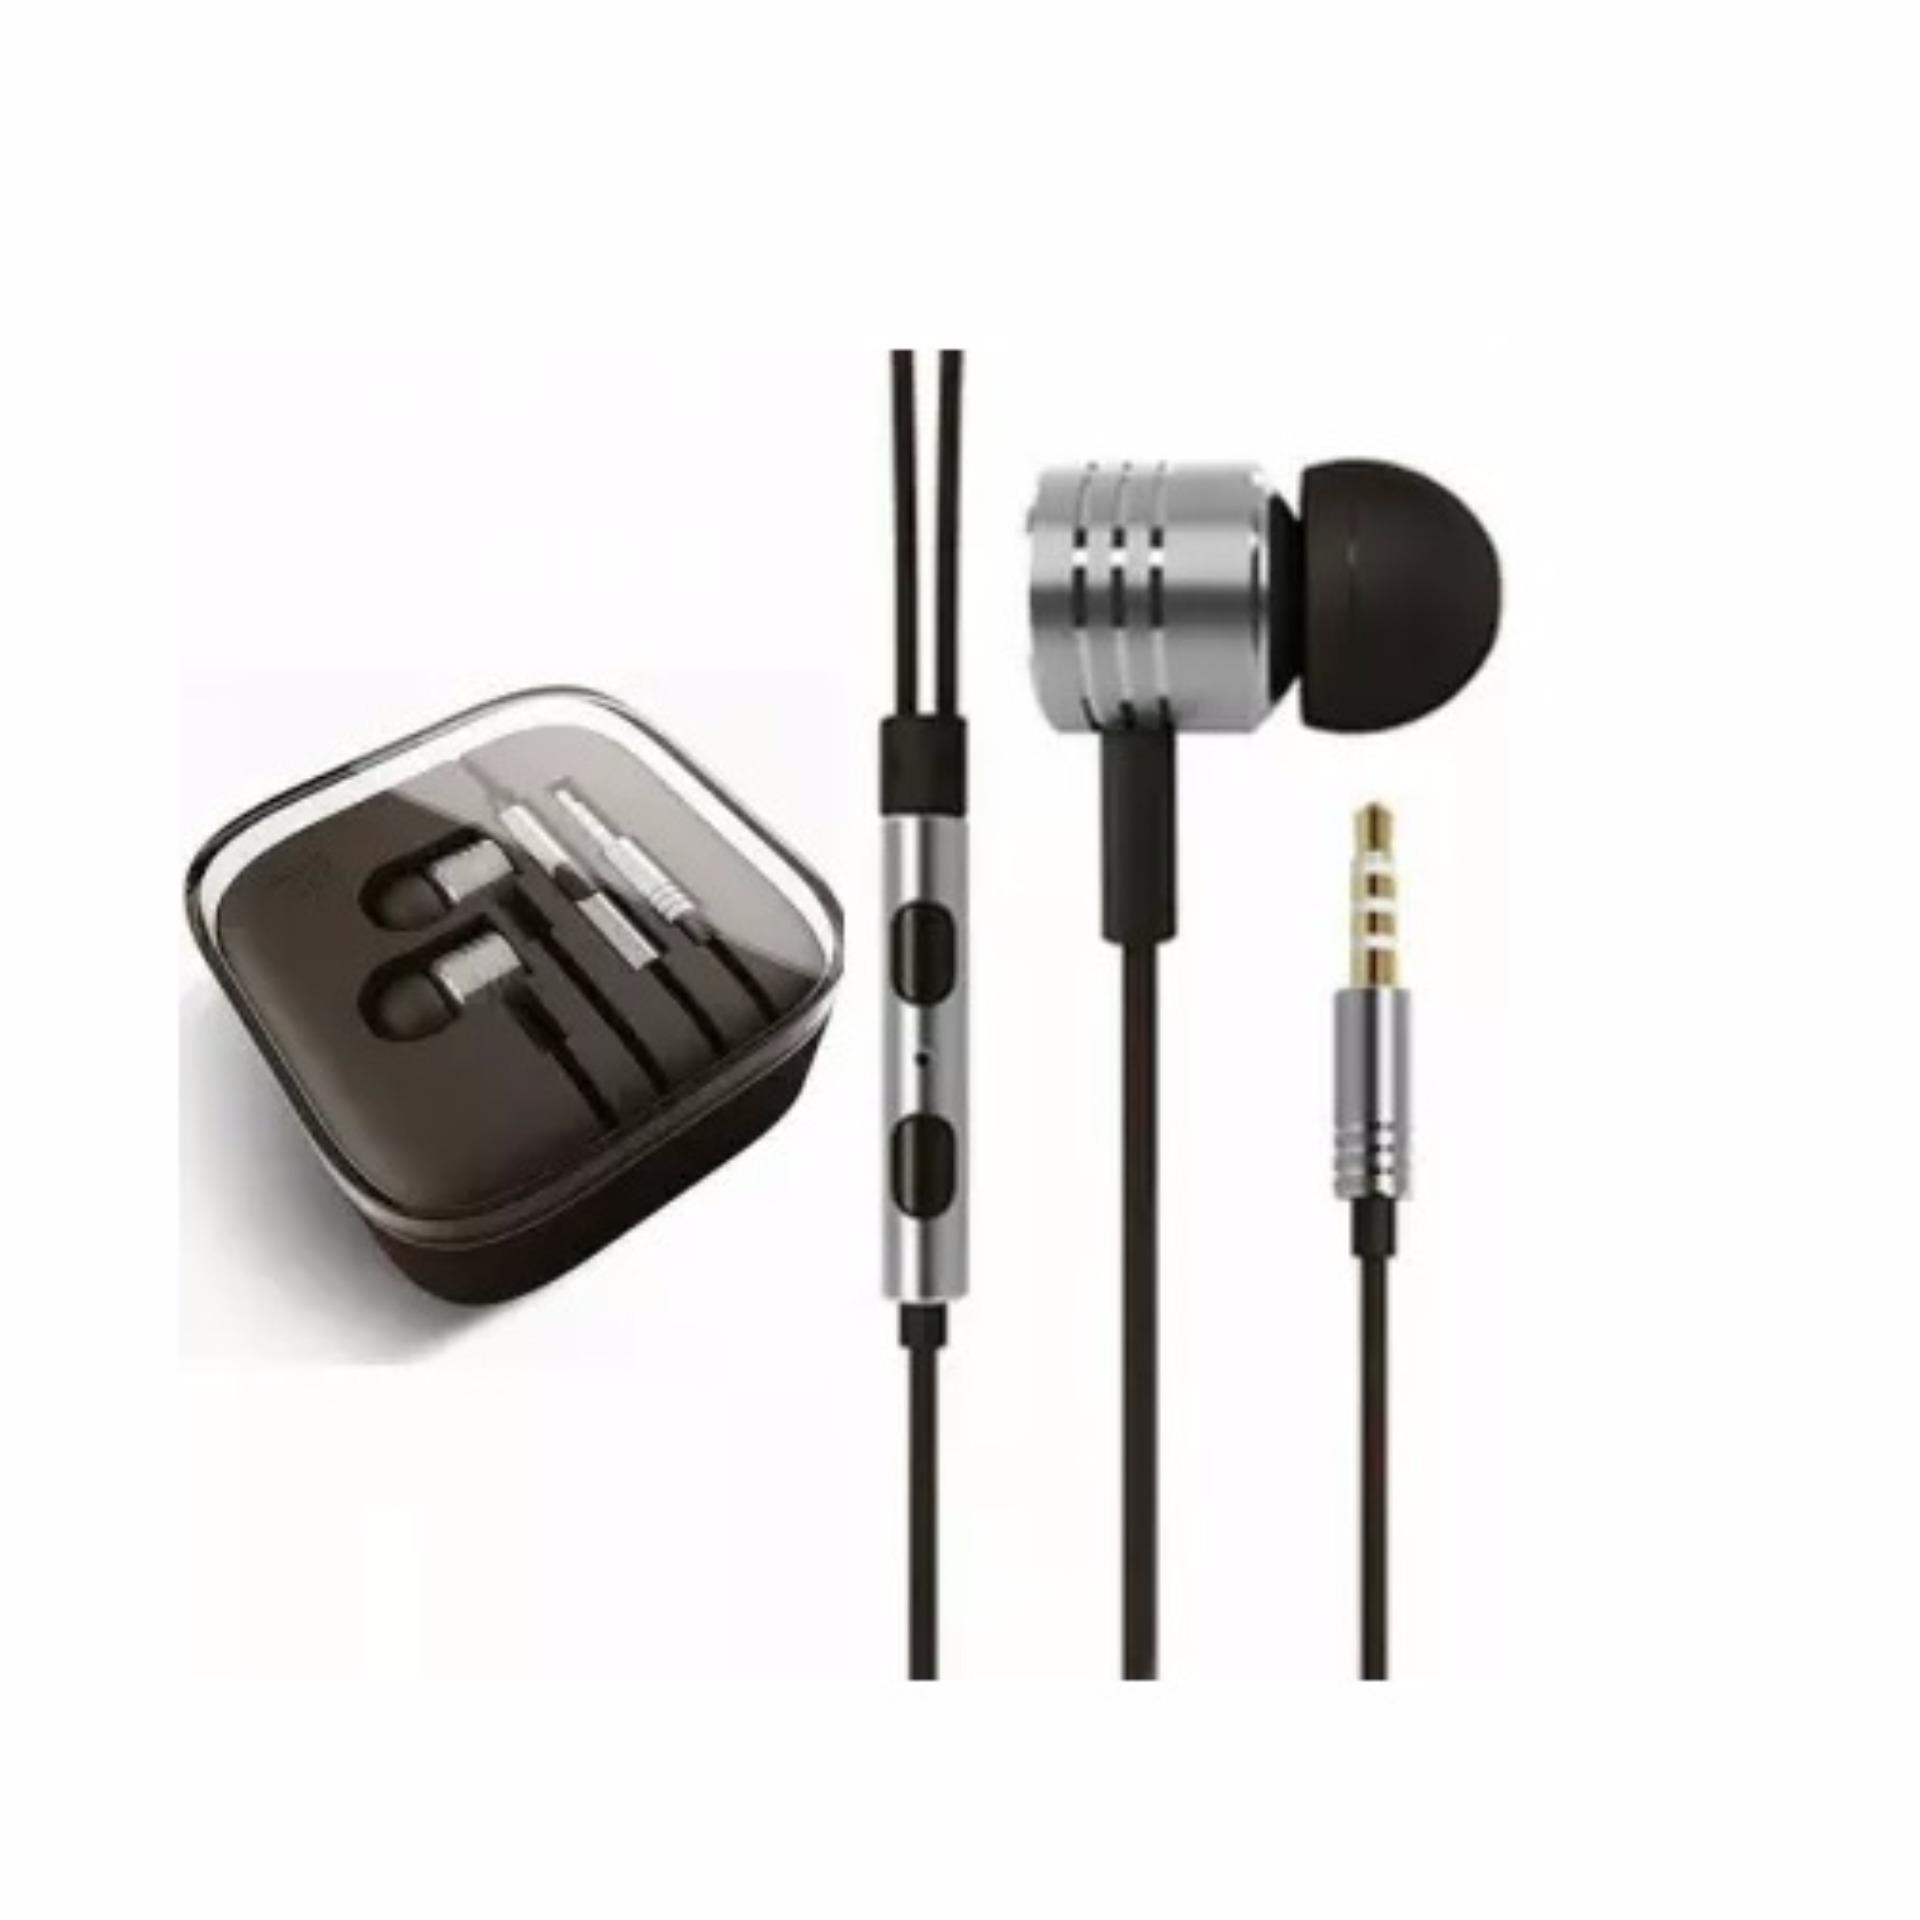 XIAOMI 2end Piston Erafone In - Ear Super OEM Headset